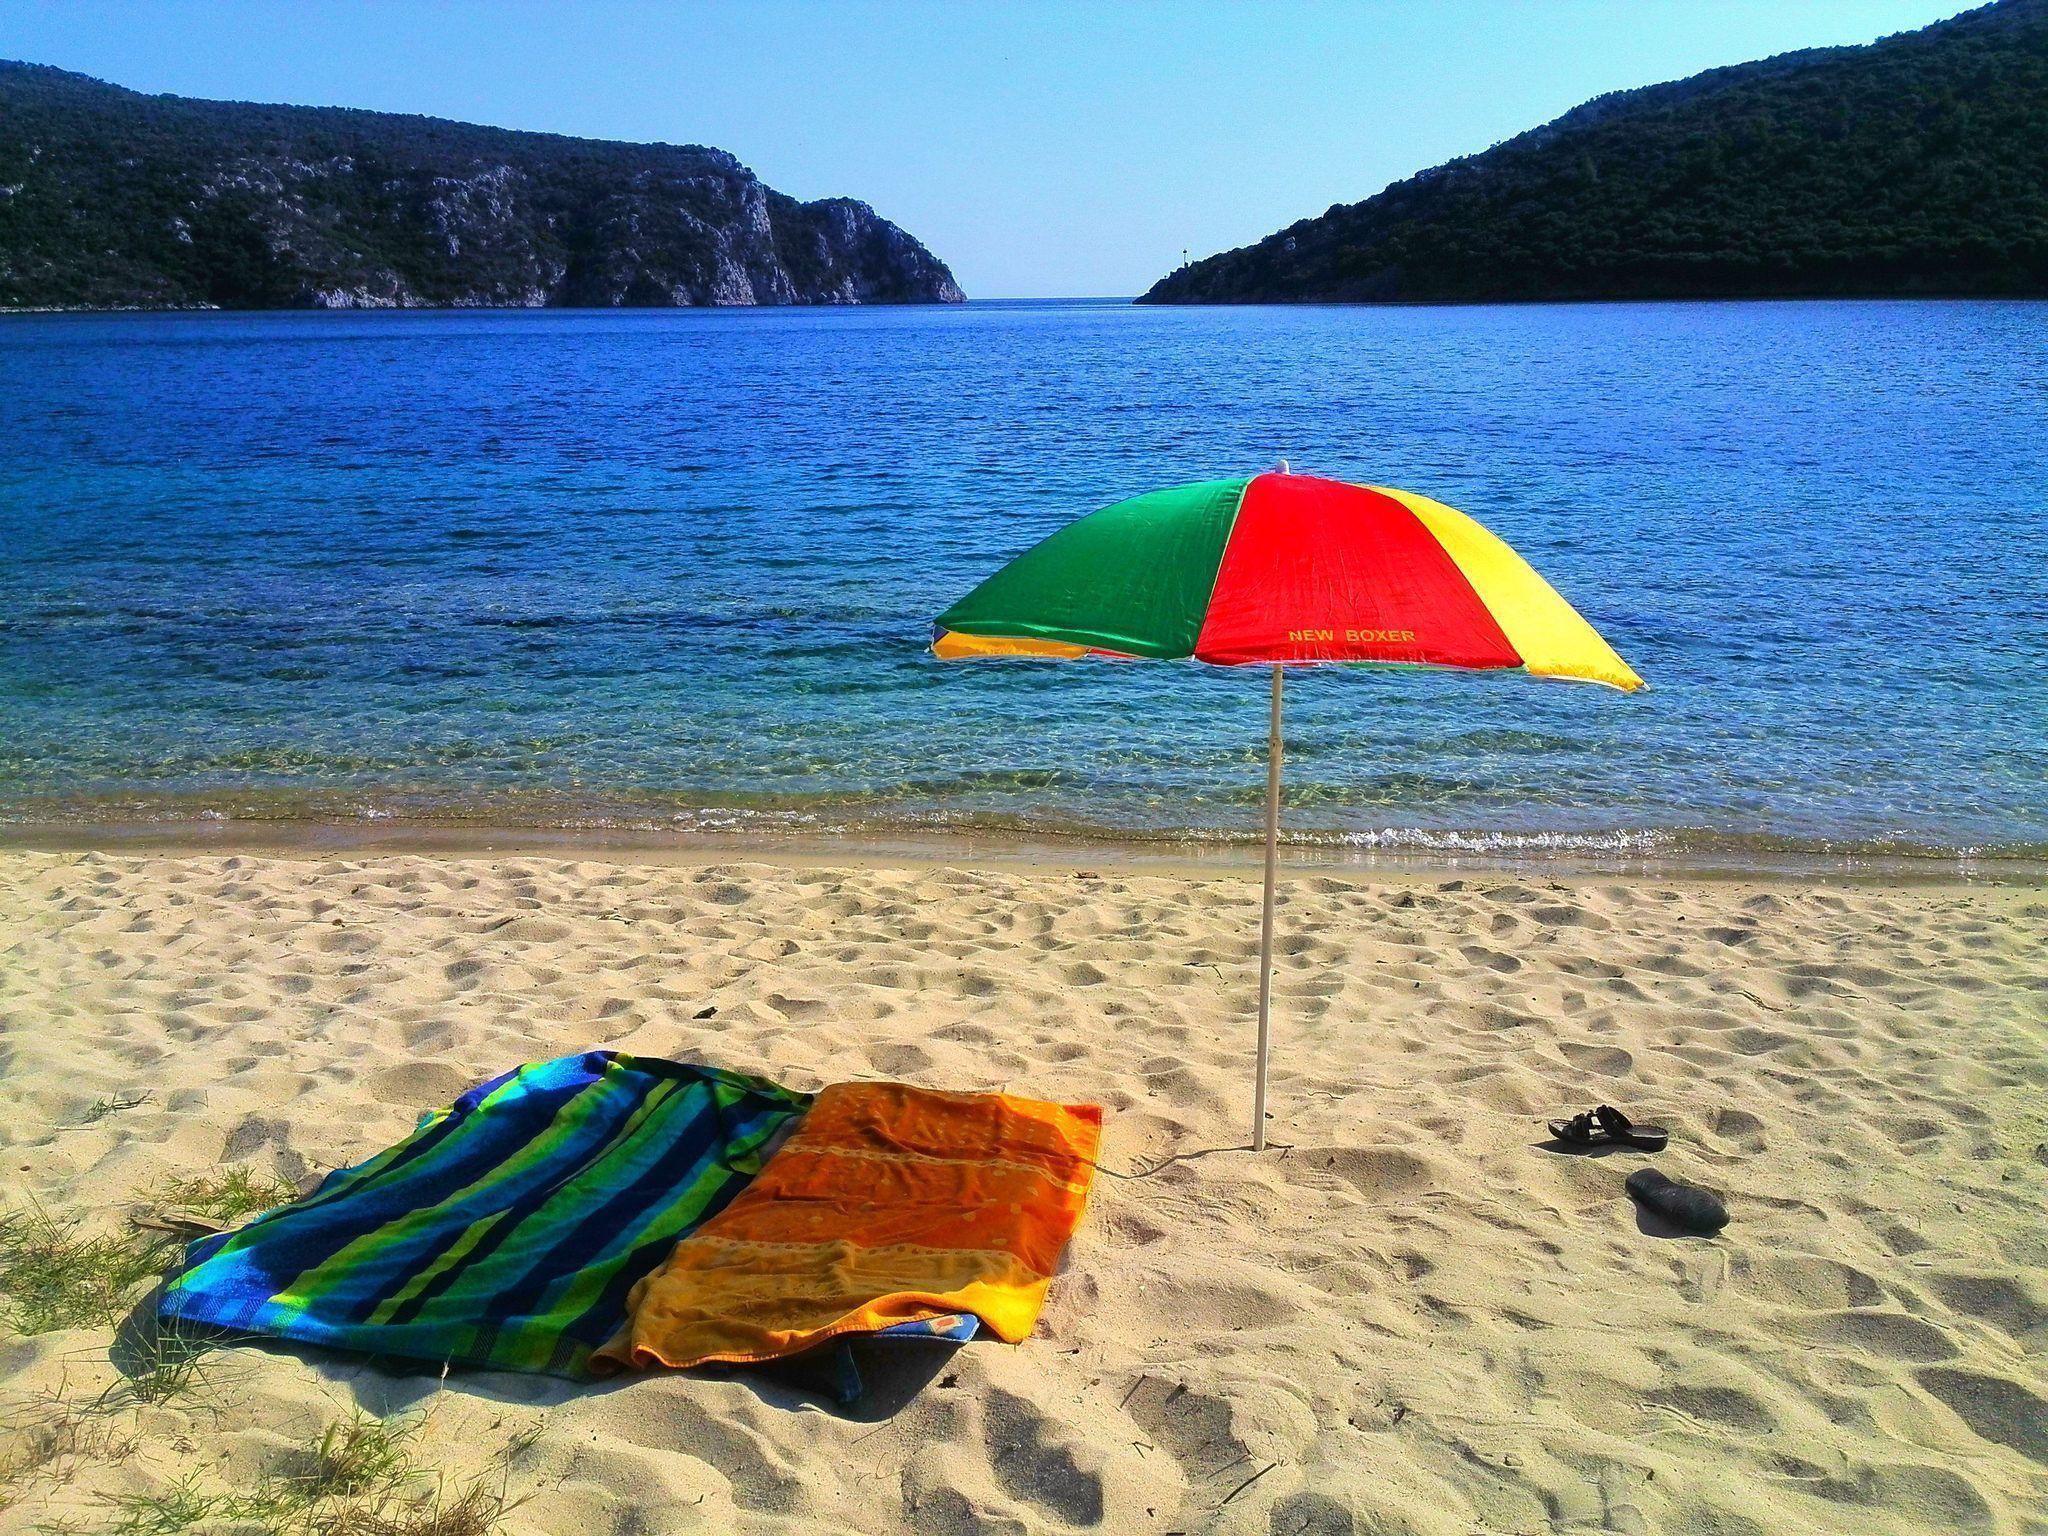 Рейтинг лучших мест для пляжного отдыха в 2021 году